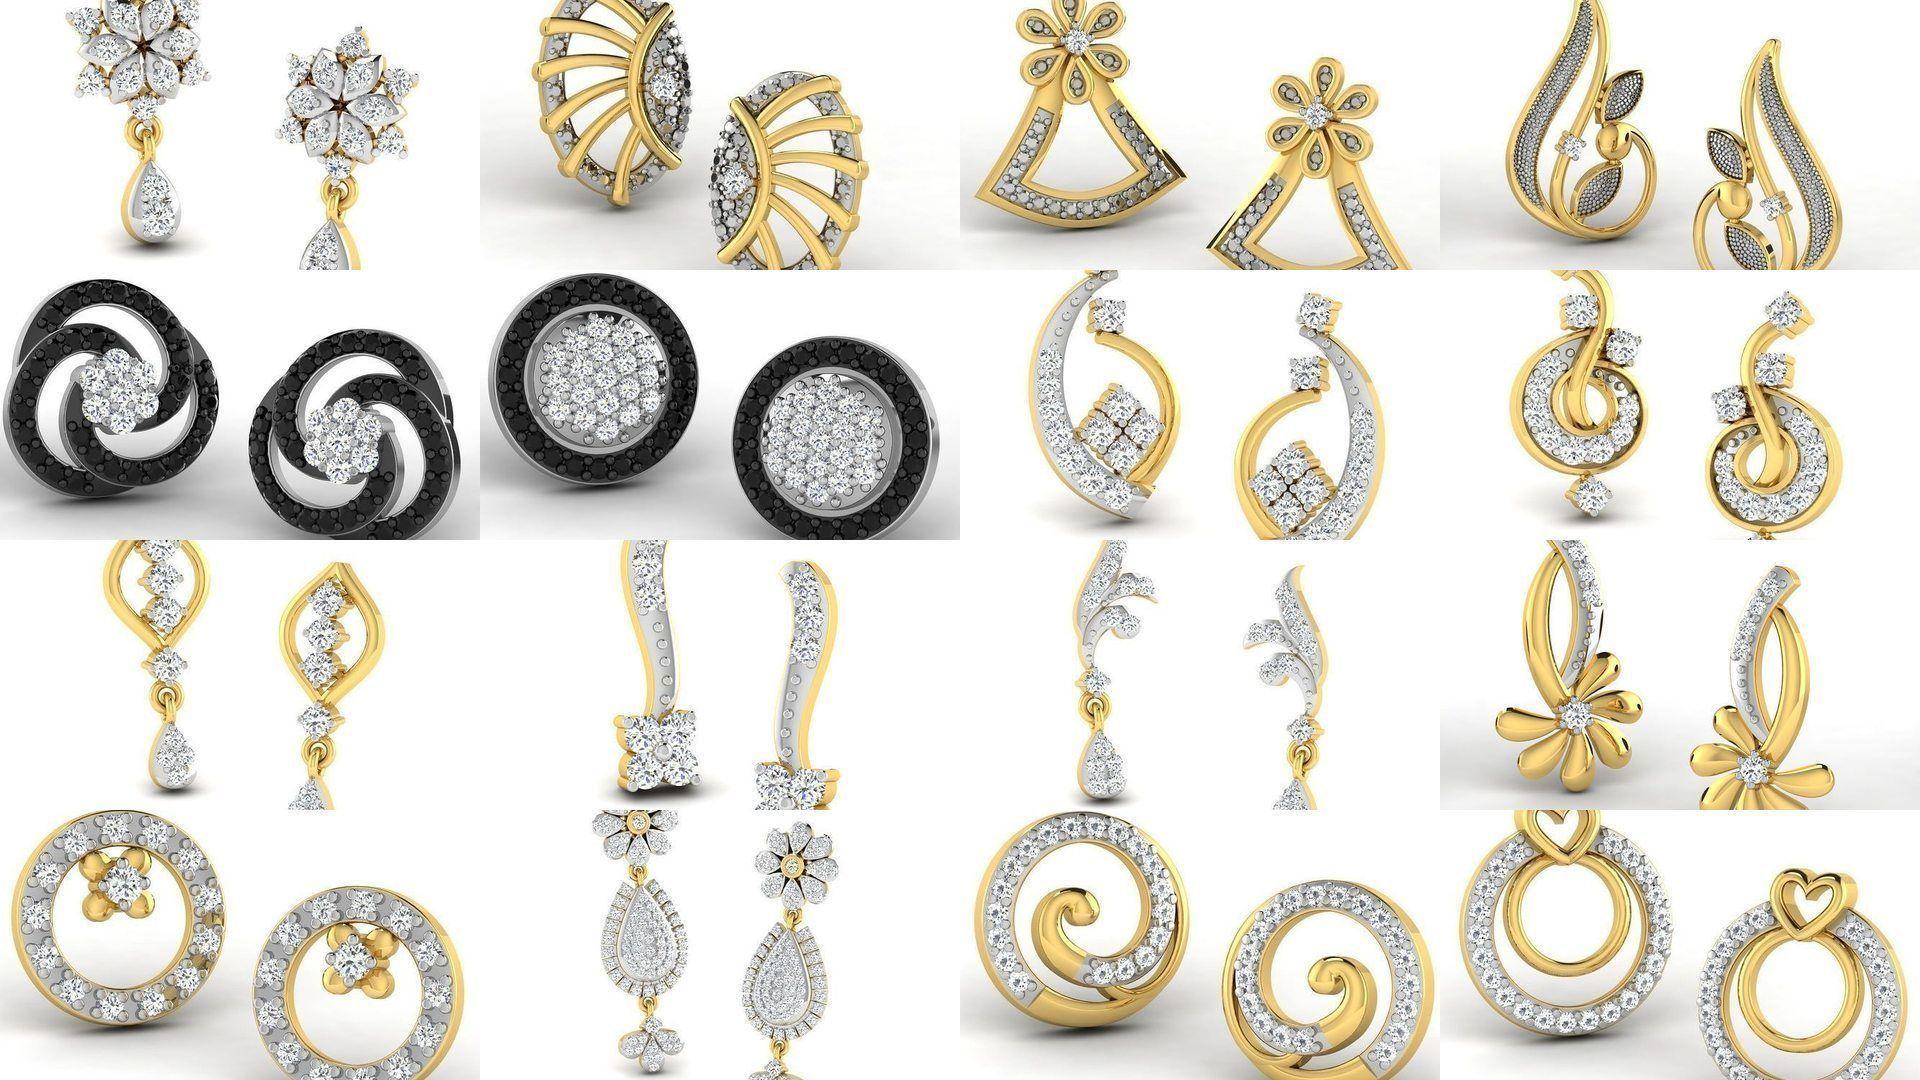 100 Women earrings 3dm render detail